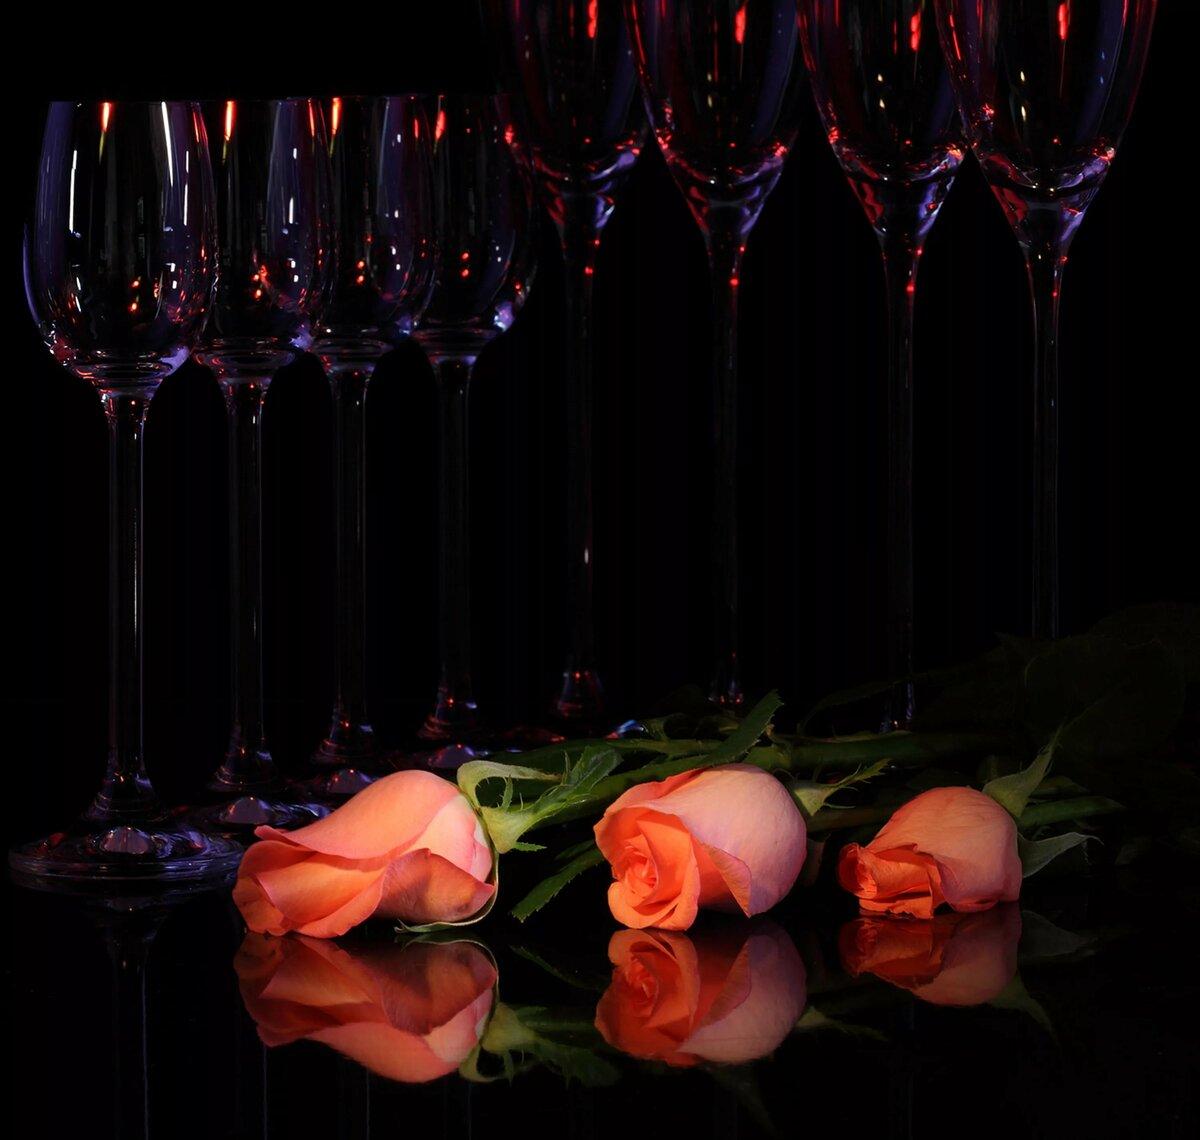 Картинки с вином и цветами